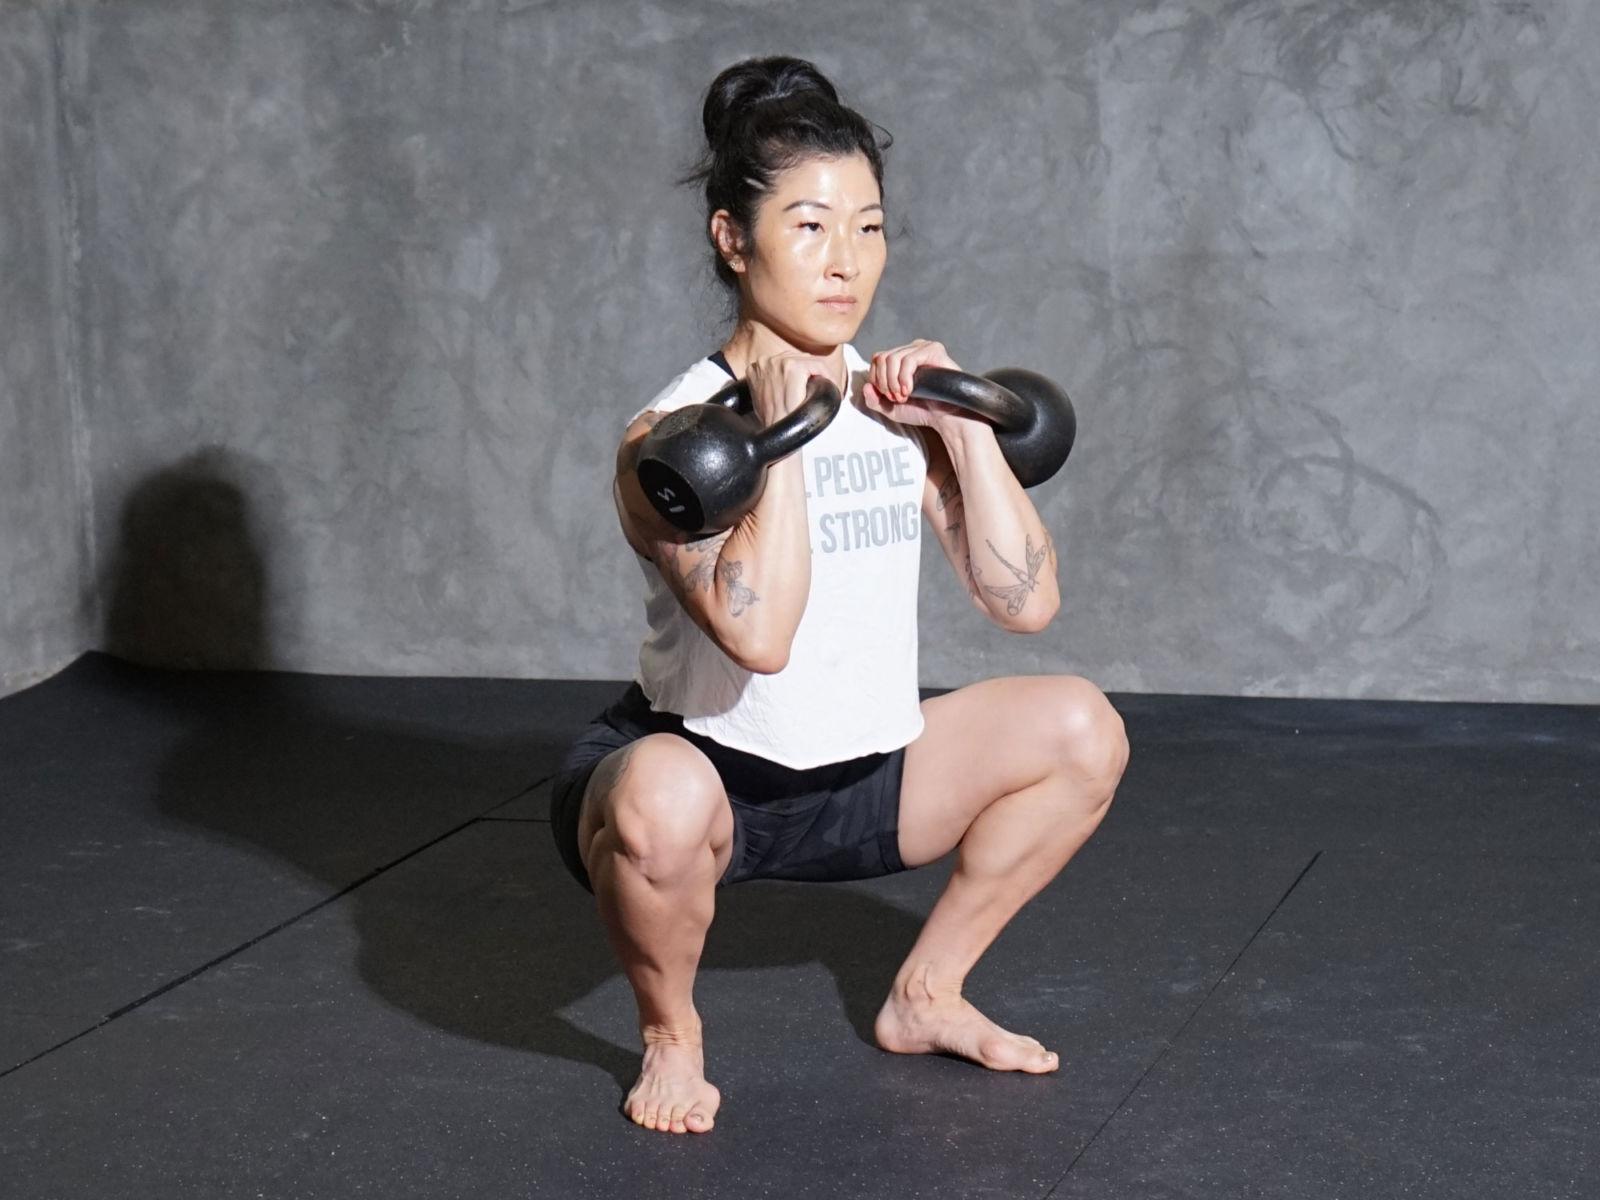 woman doing kettlebell squat